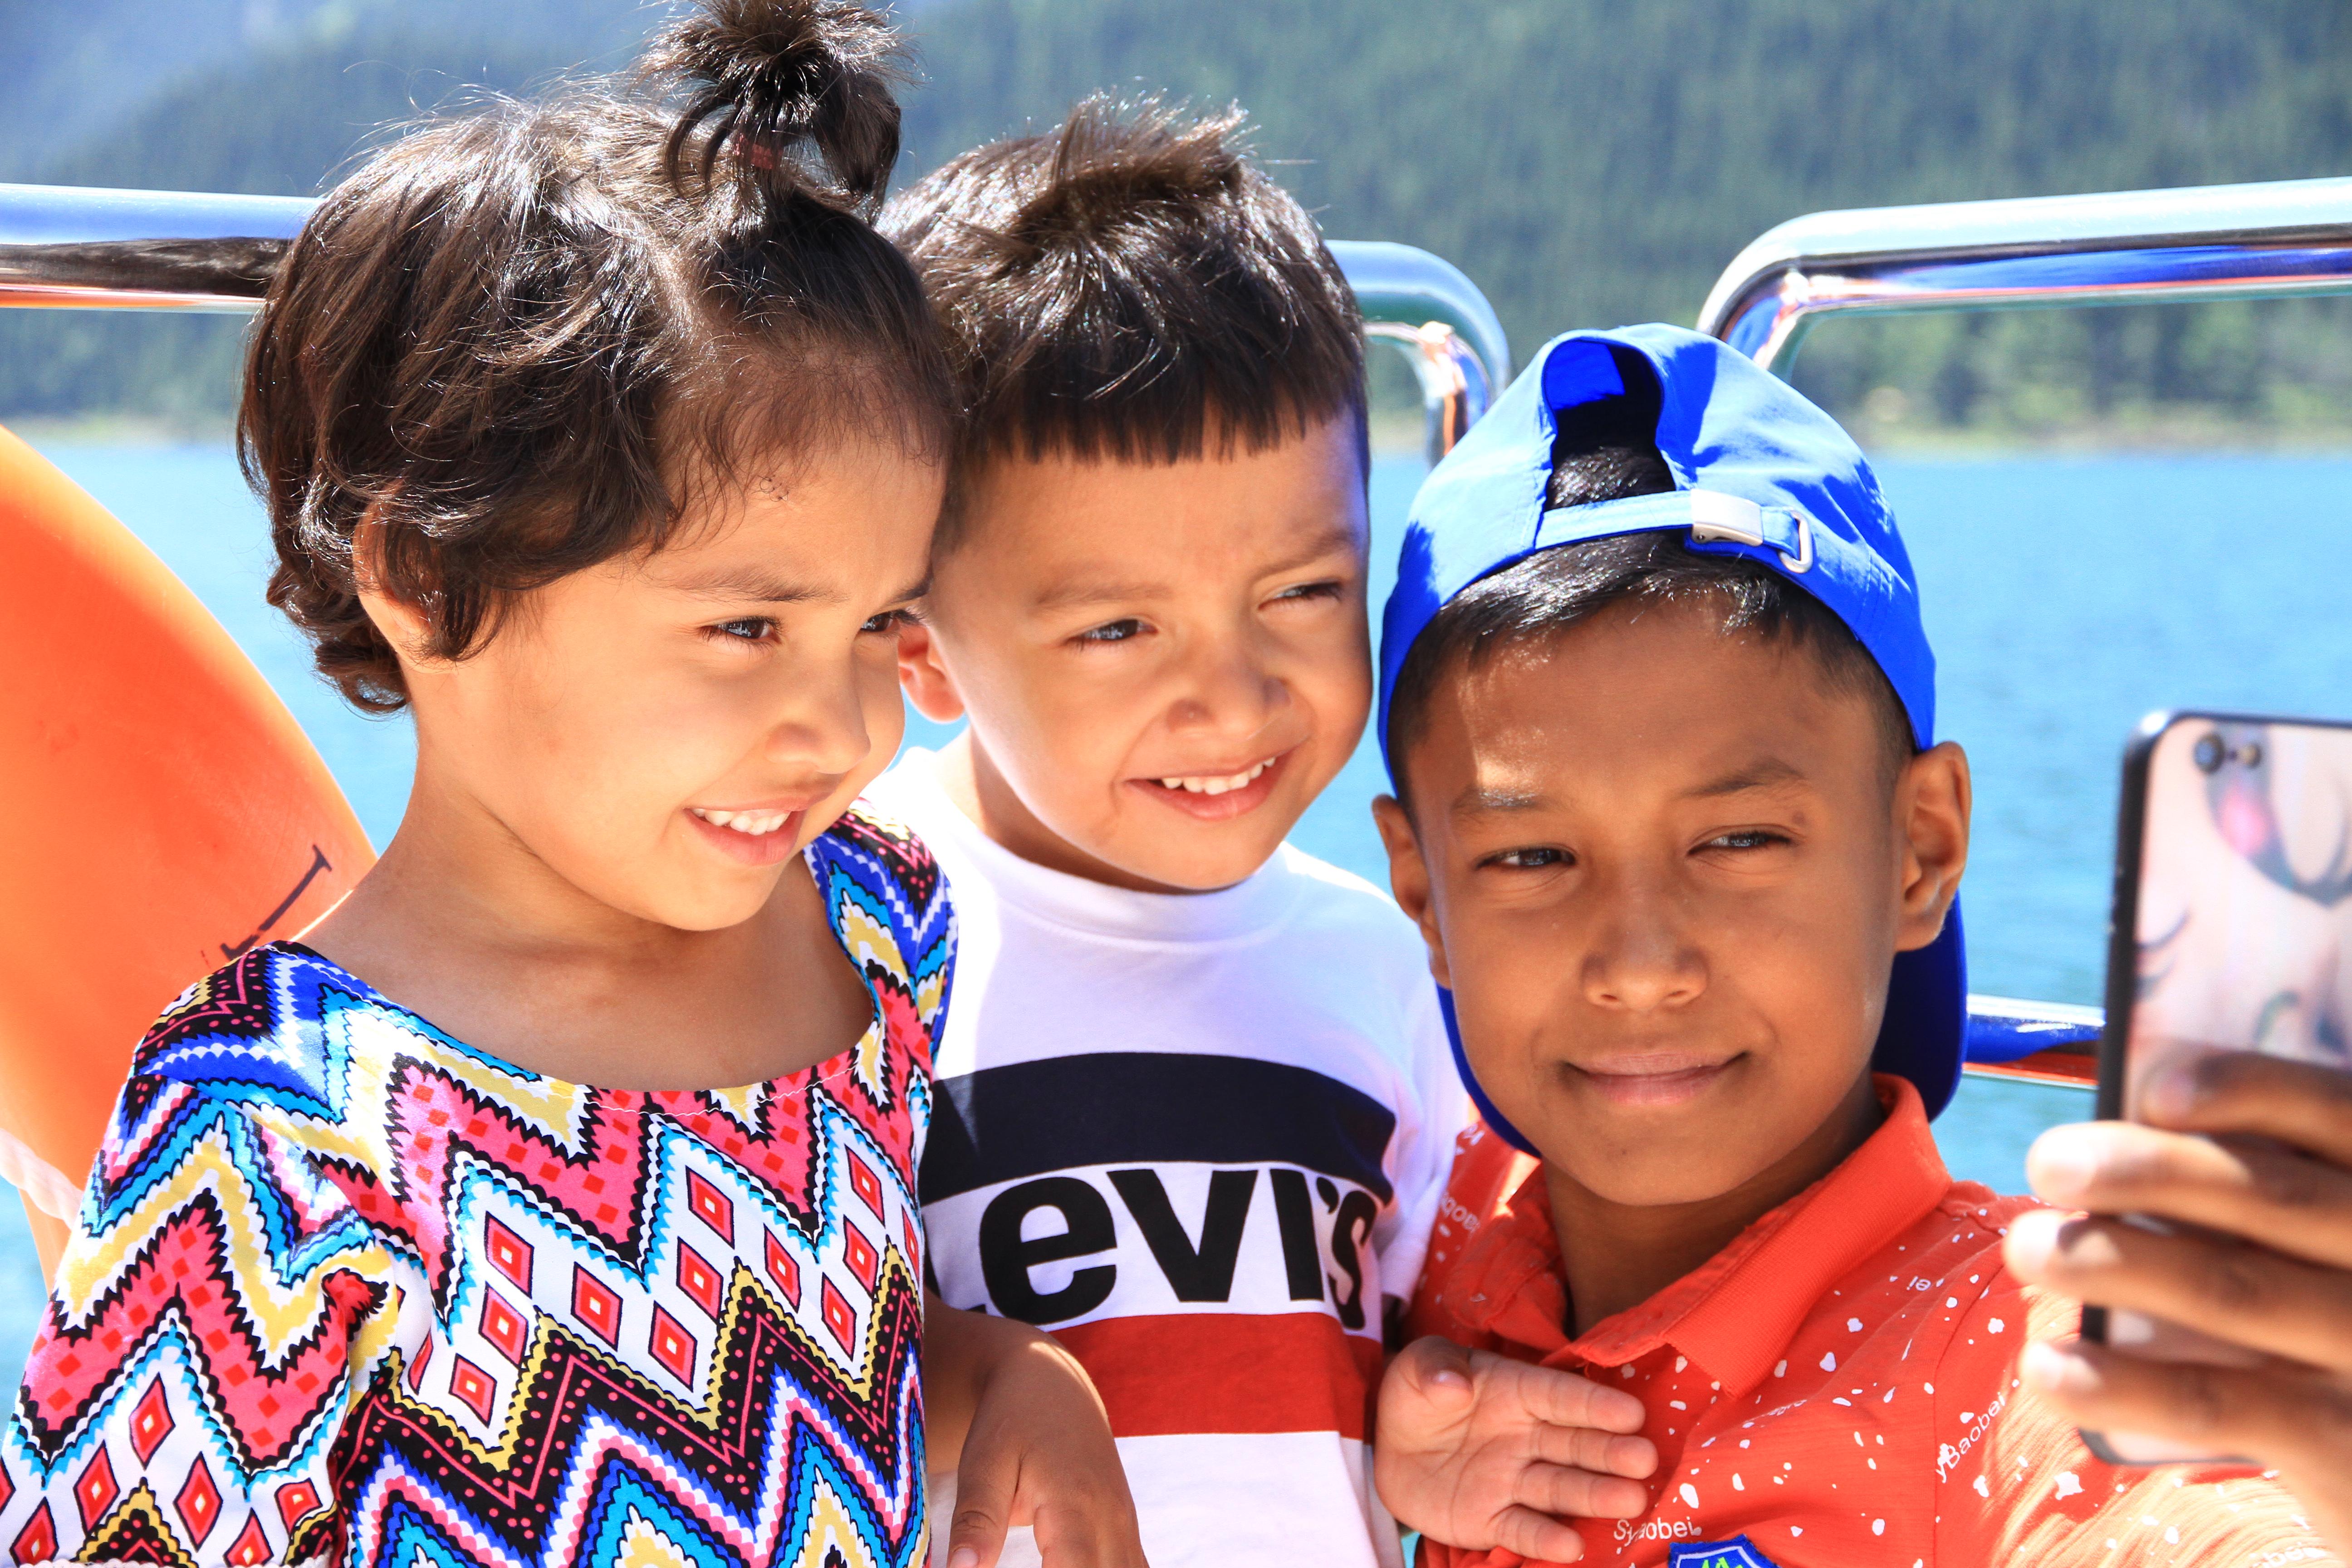 11、天山天池。来自喀什的维族小帅哥与弟妹在船上自拍